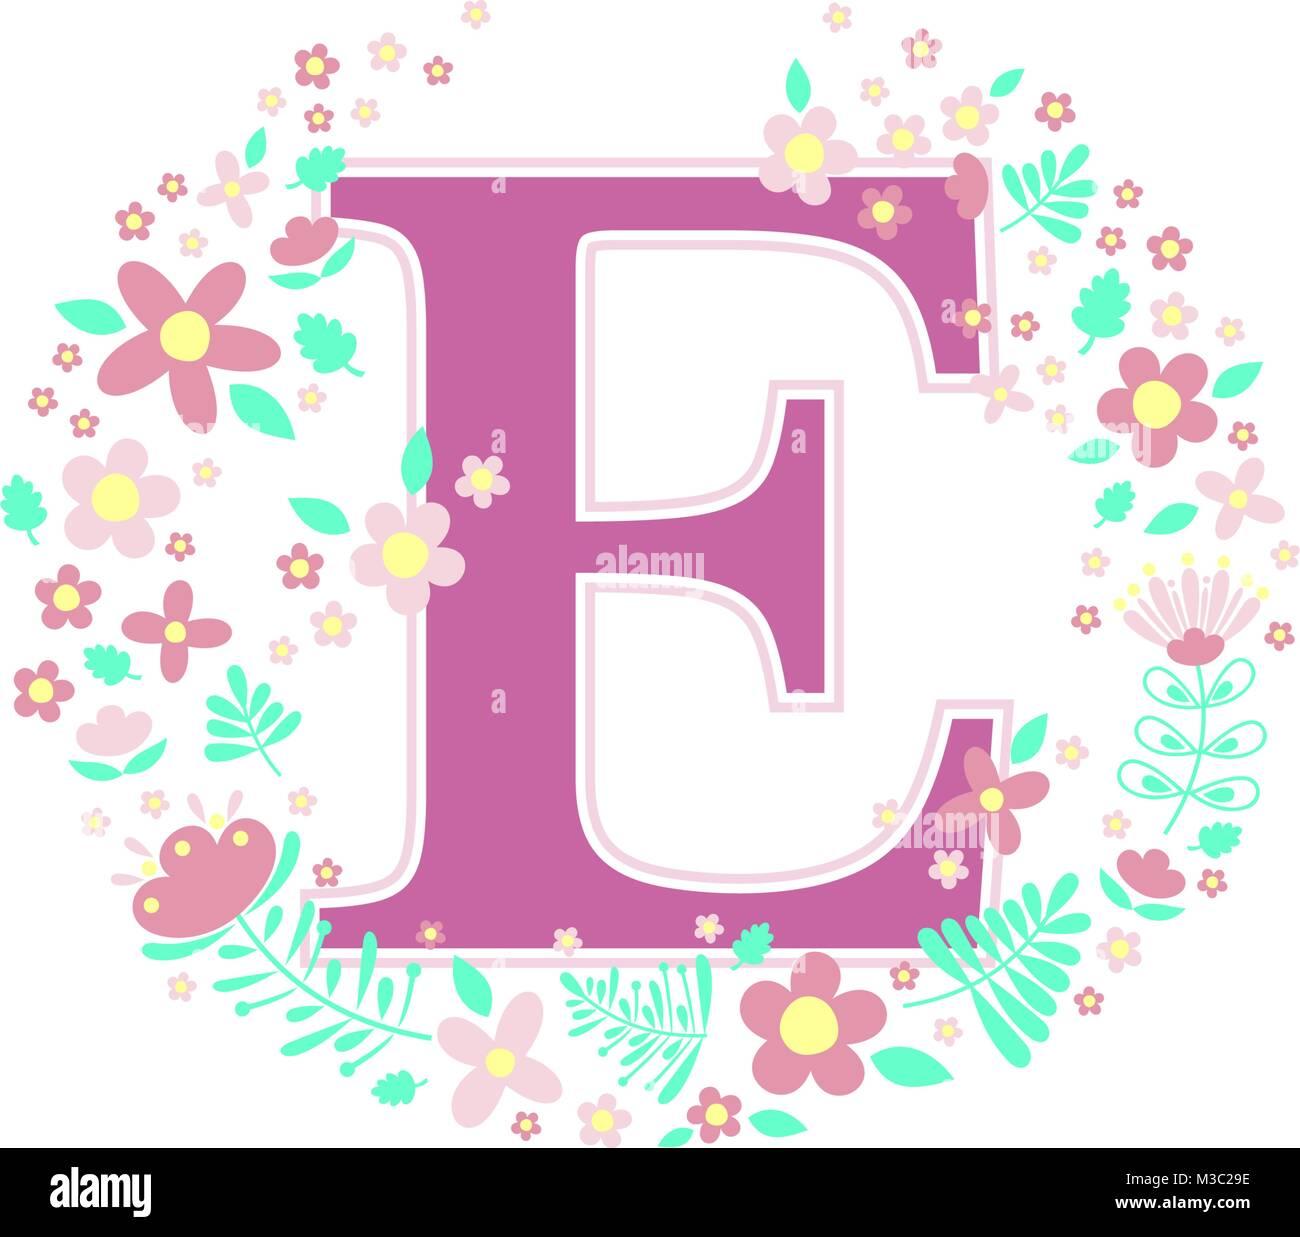 Kinderzimmer E Baby | Anfangsbuchstabe E Mit Dekorativen Blumen Und Designelemente Auf